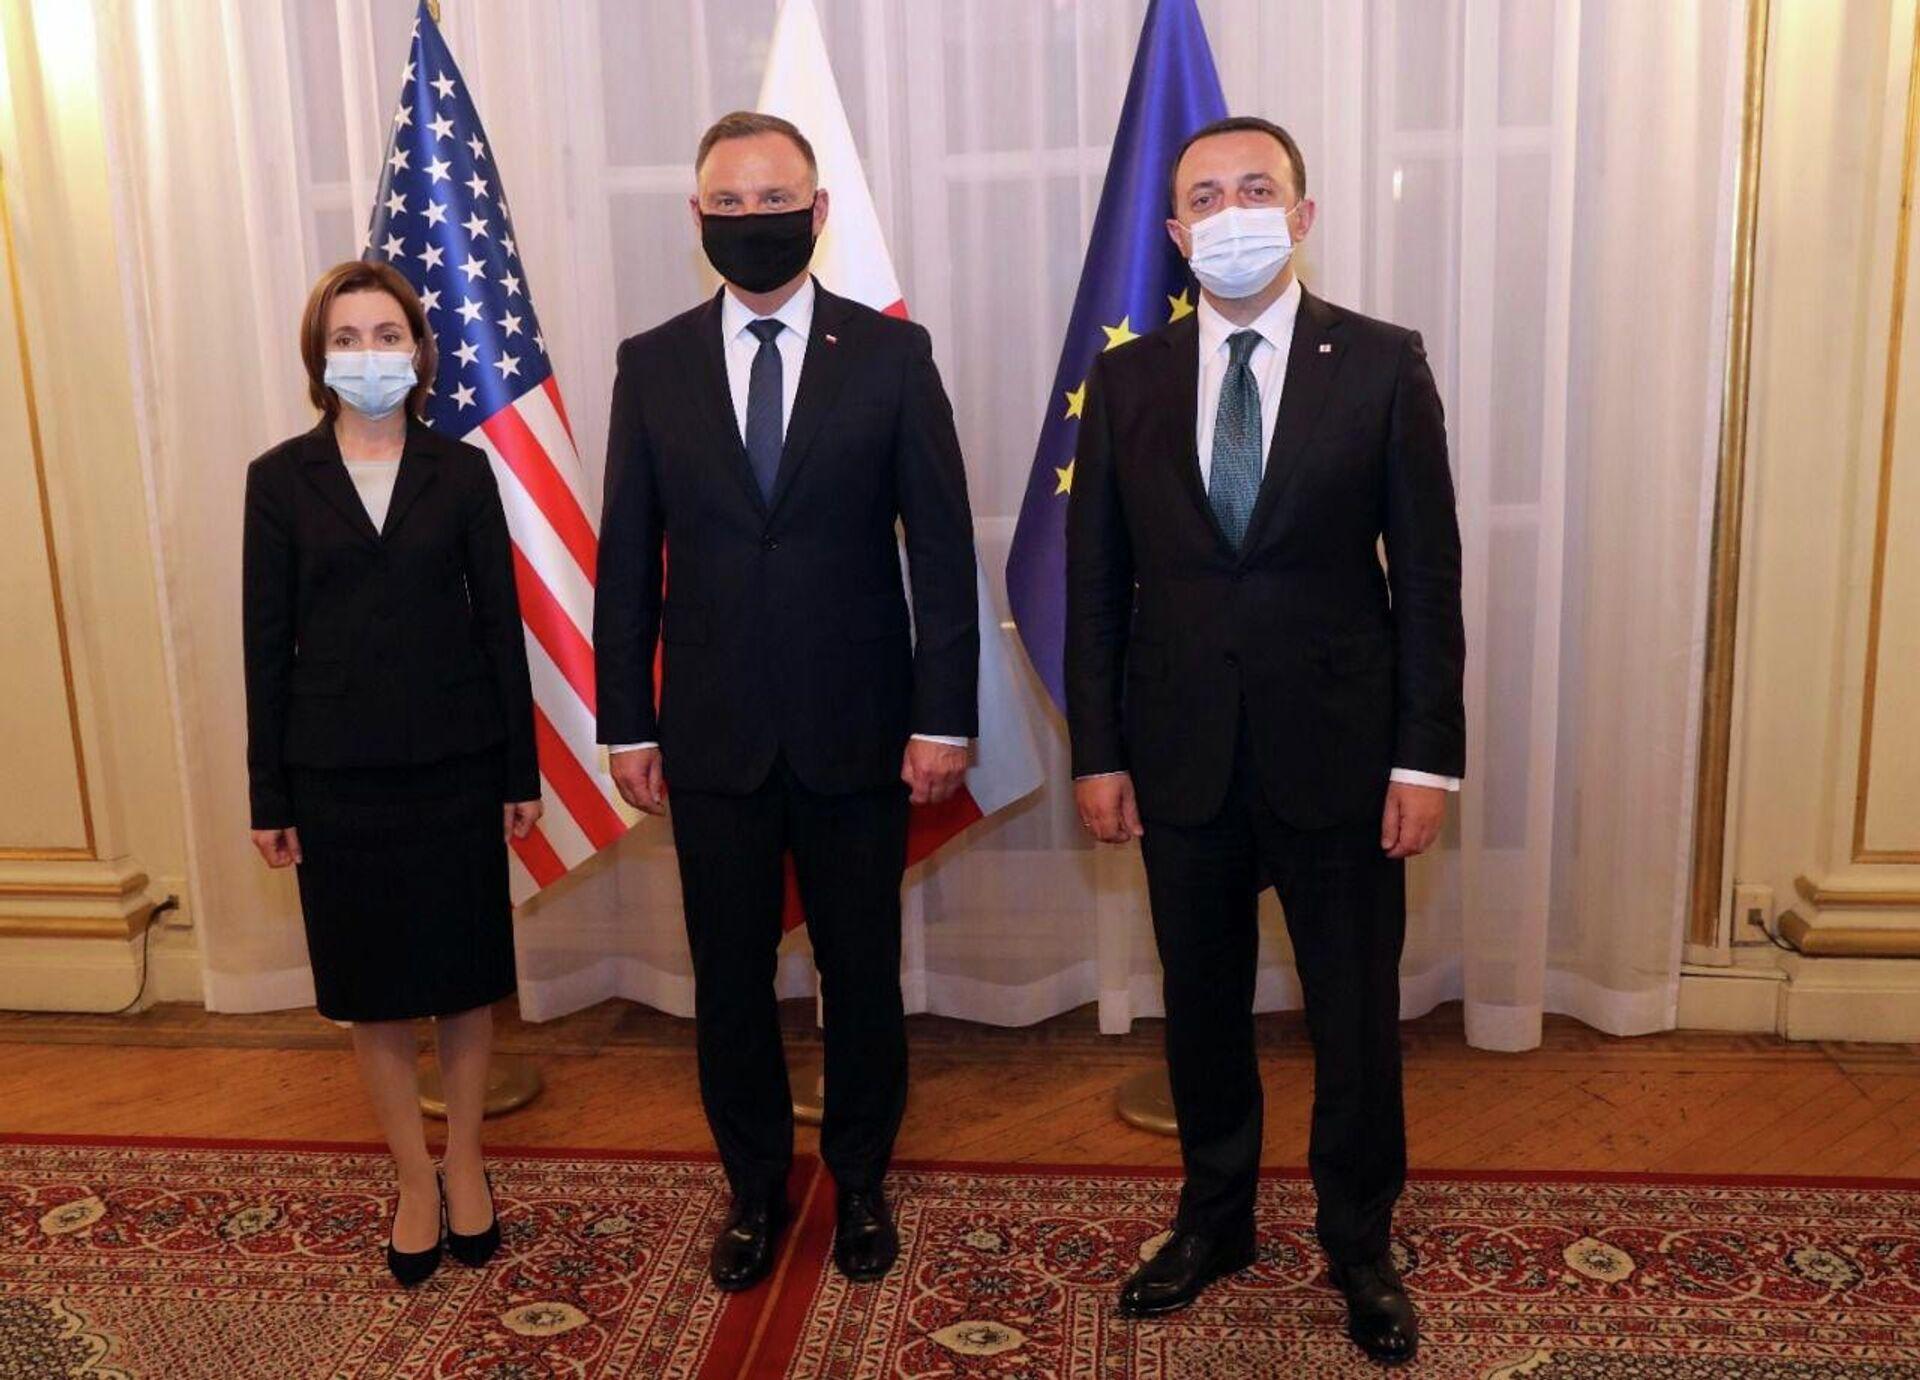 Ираклий Гарибашвили с Майей Санду и Анджеем Дуда - Sputnik Грузия, 1920, 22.09.2021